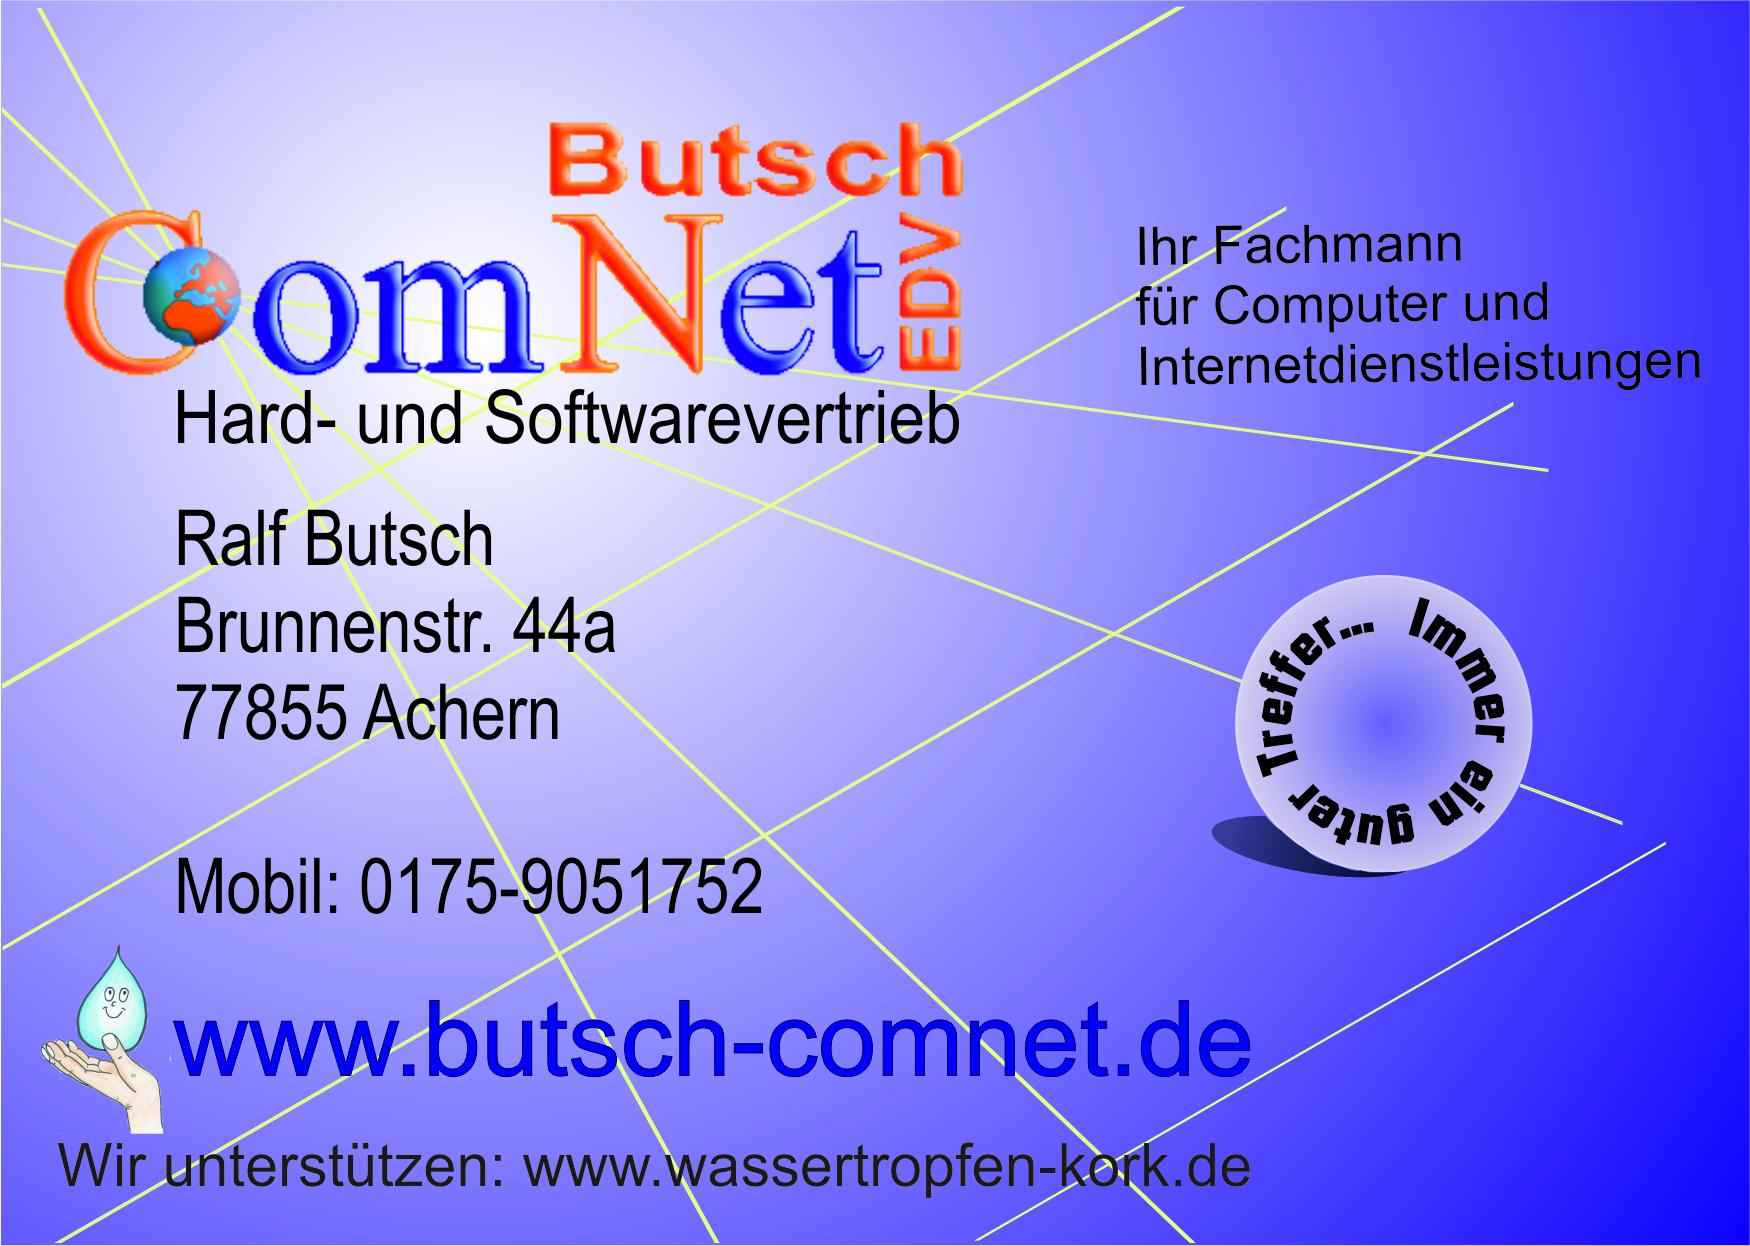 Butsch ComNet EDV